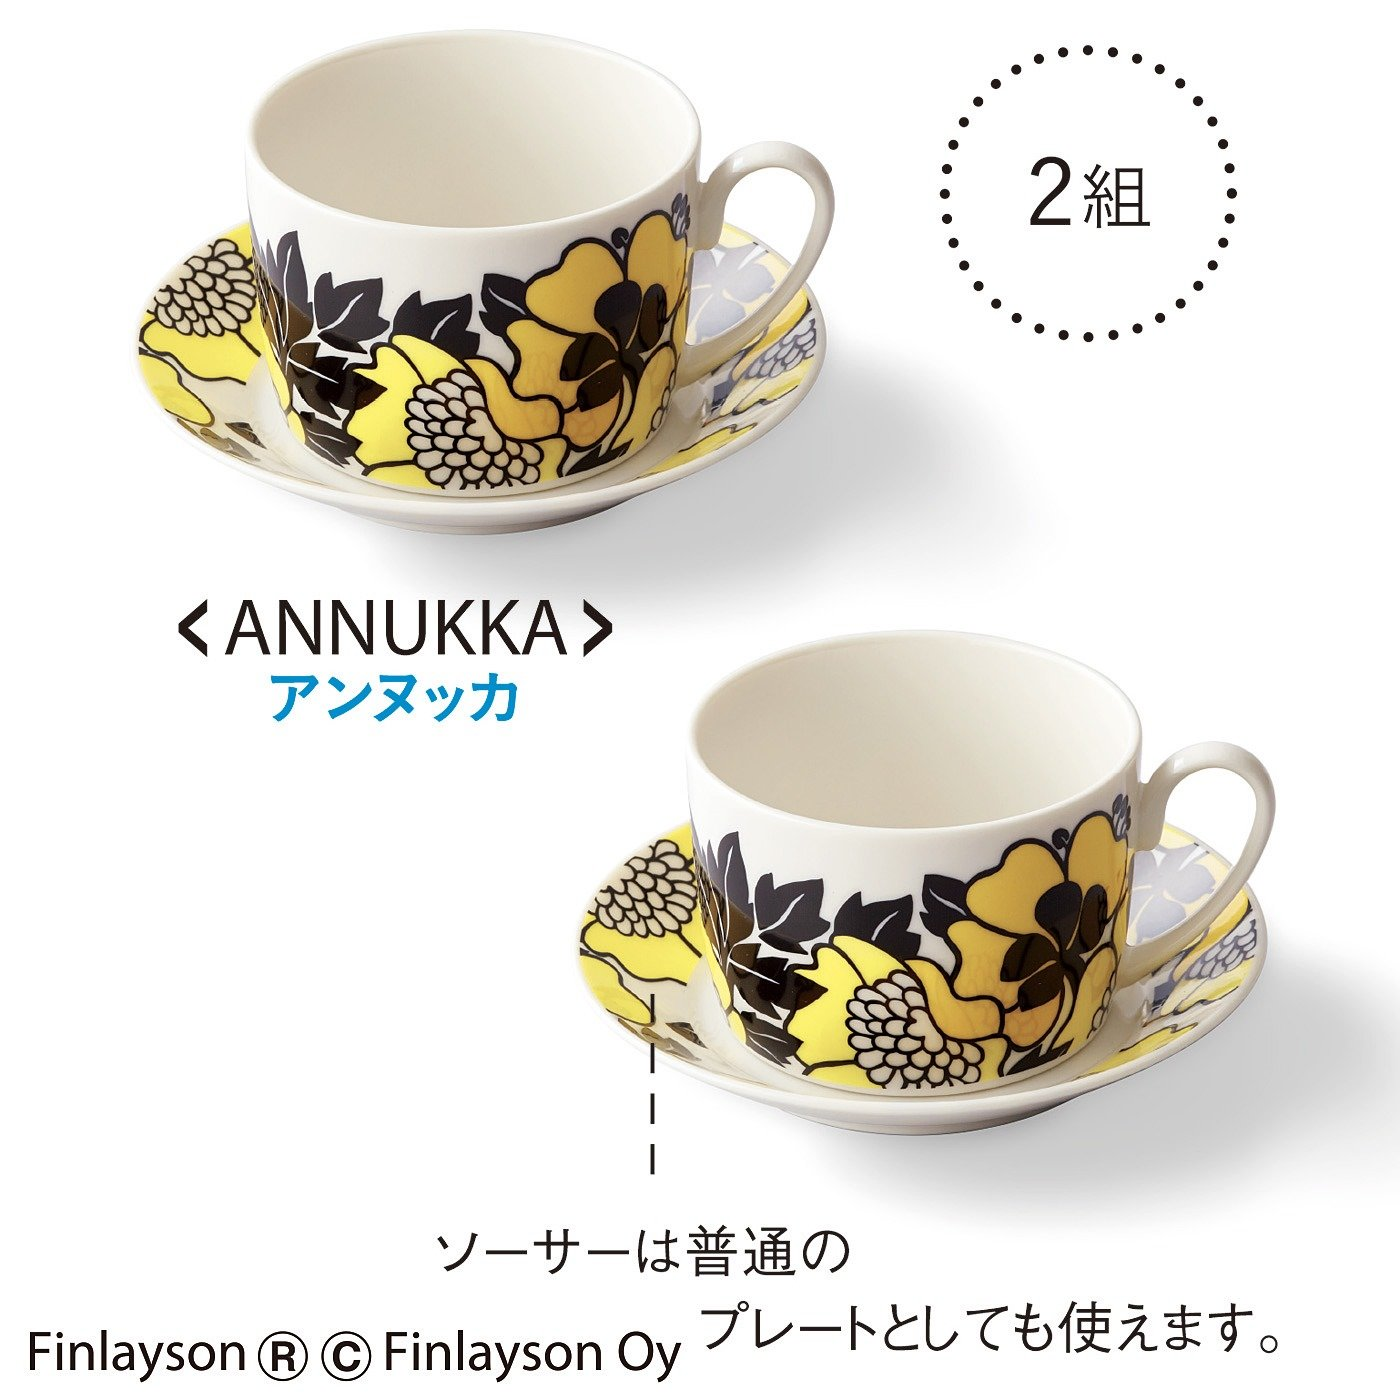 フィンレイソン ペアカップ&ソーサーセット〈アンヌッカ〉